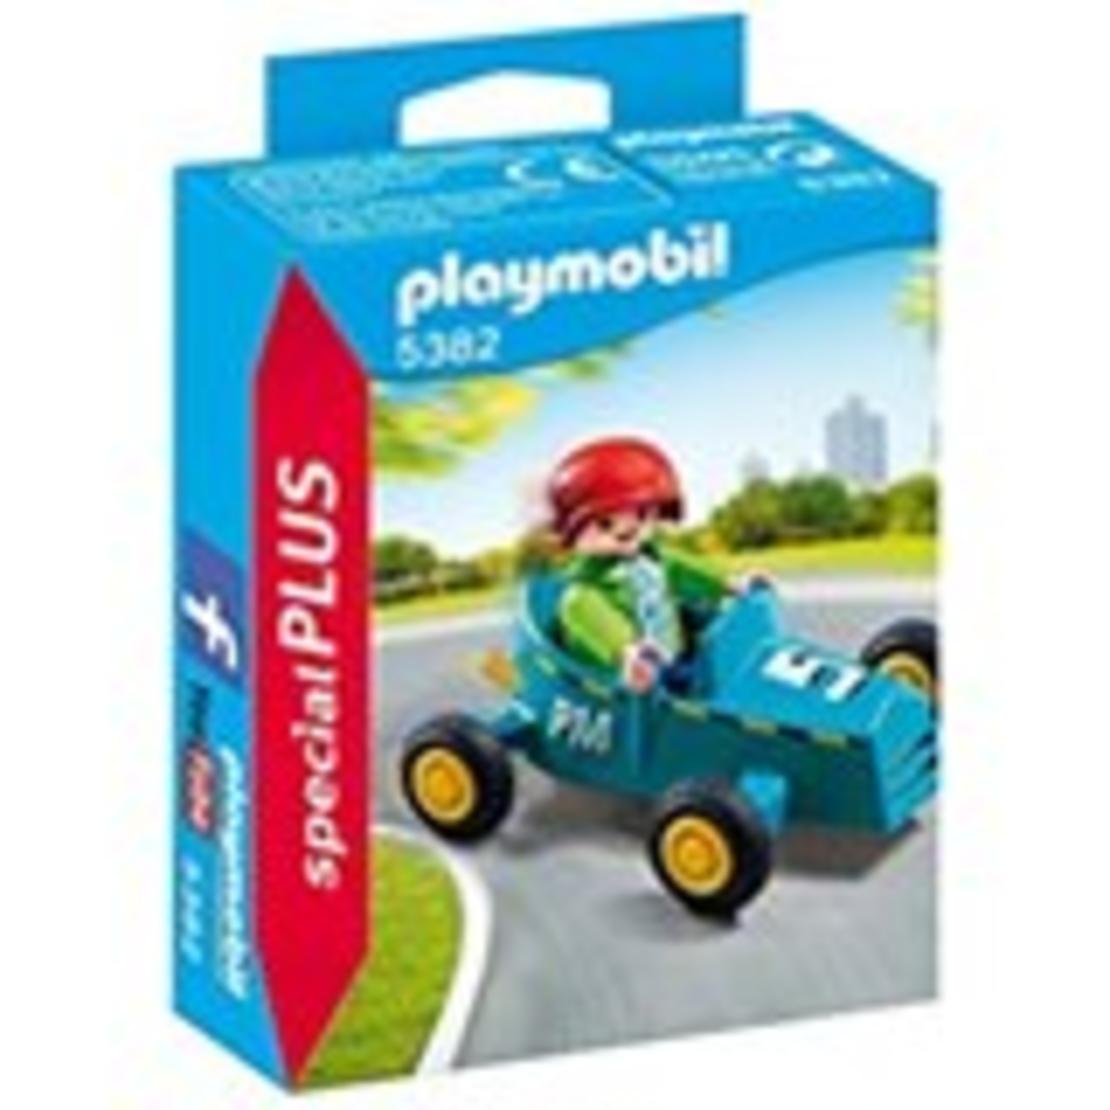 פליימוביל 5382 - ילד ורכב קרטינג